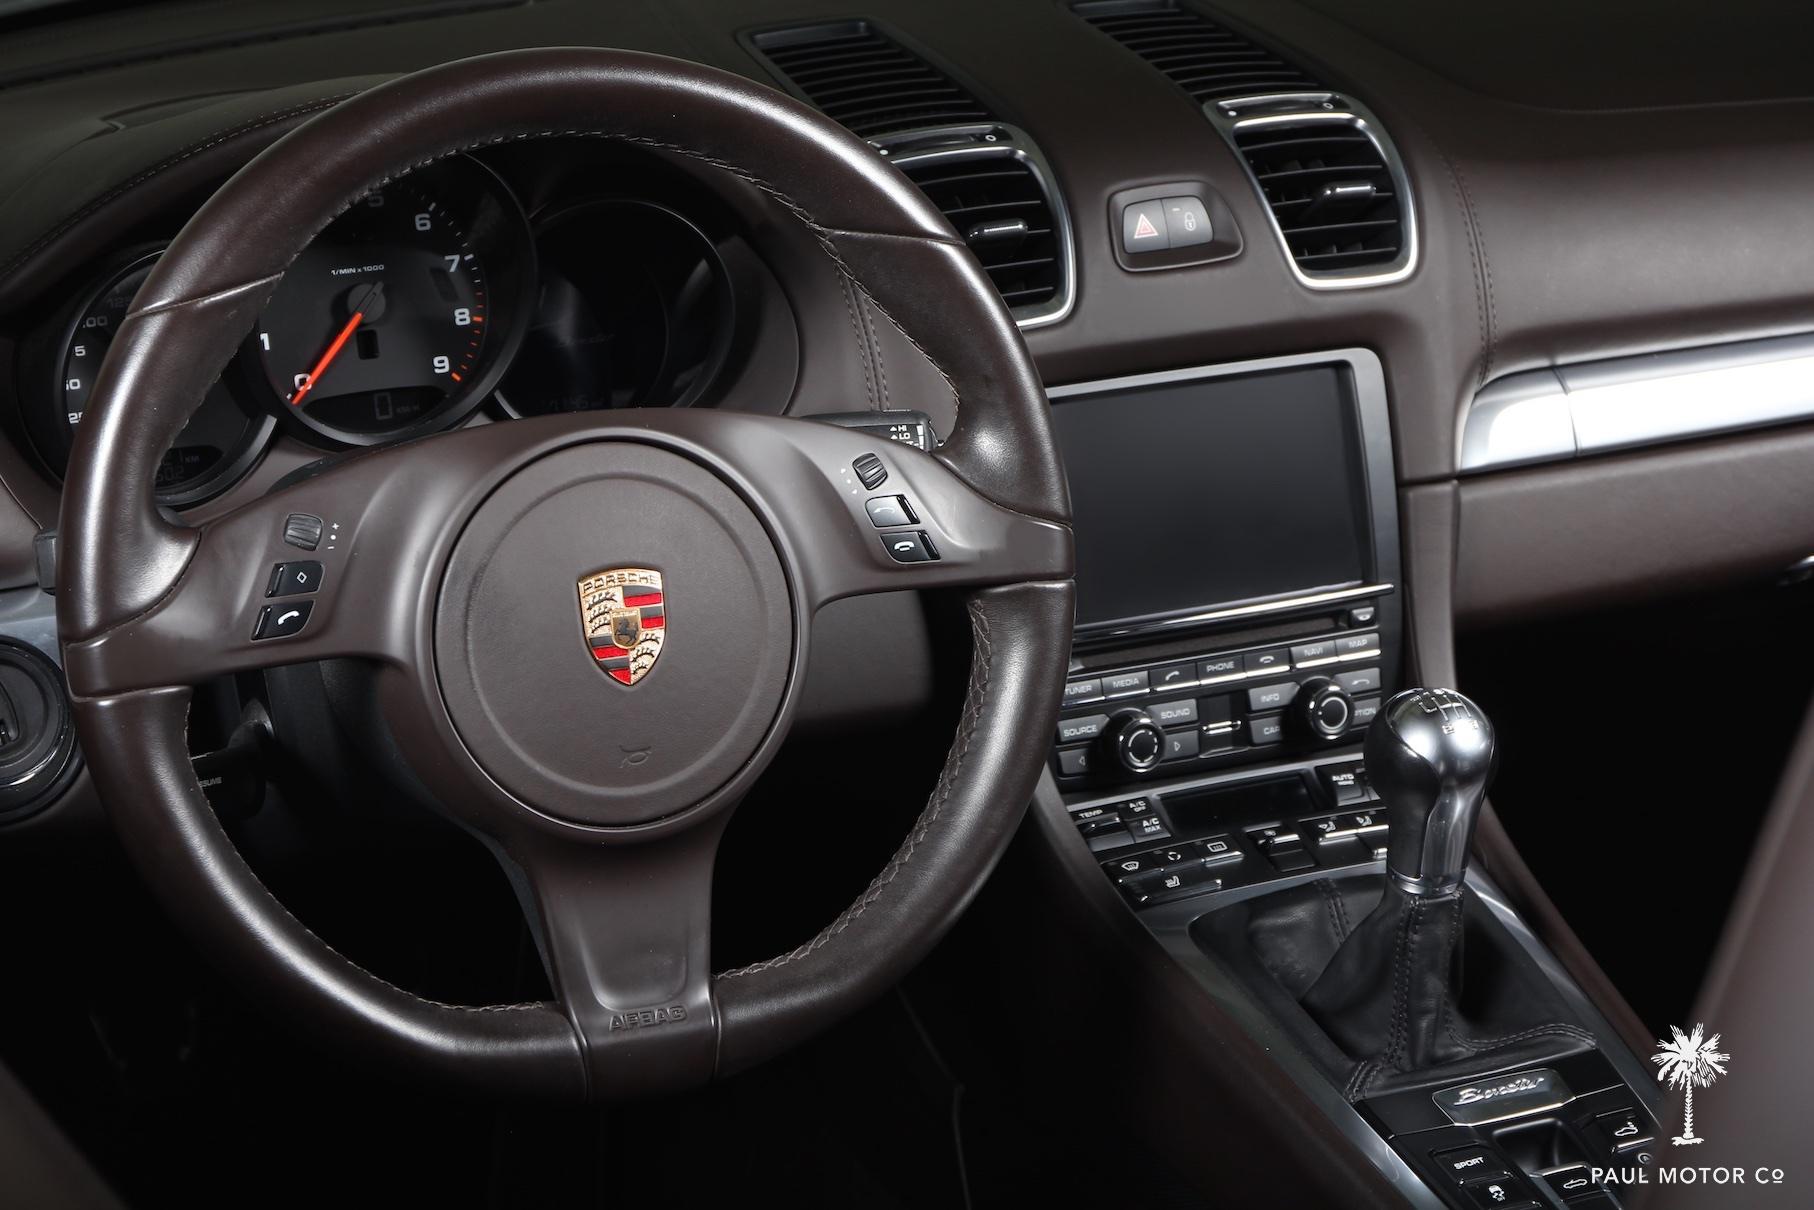 2013 Porsche Boxster (intérieur)